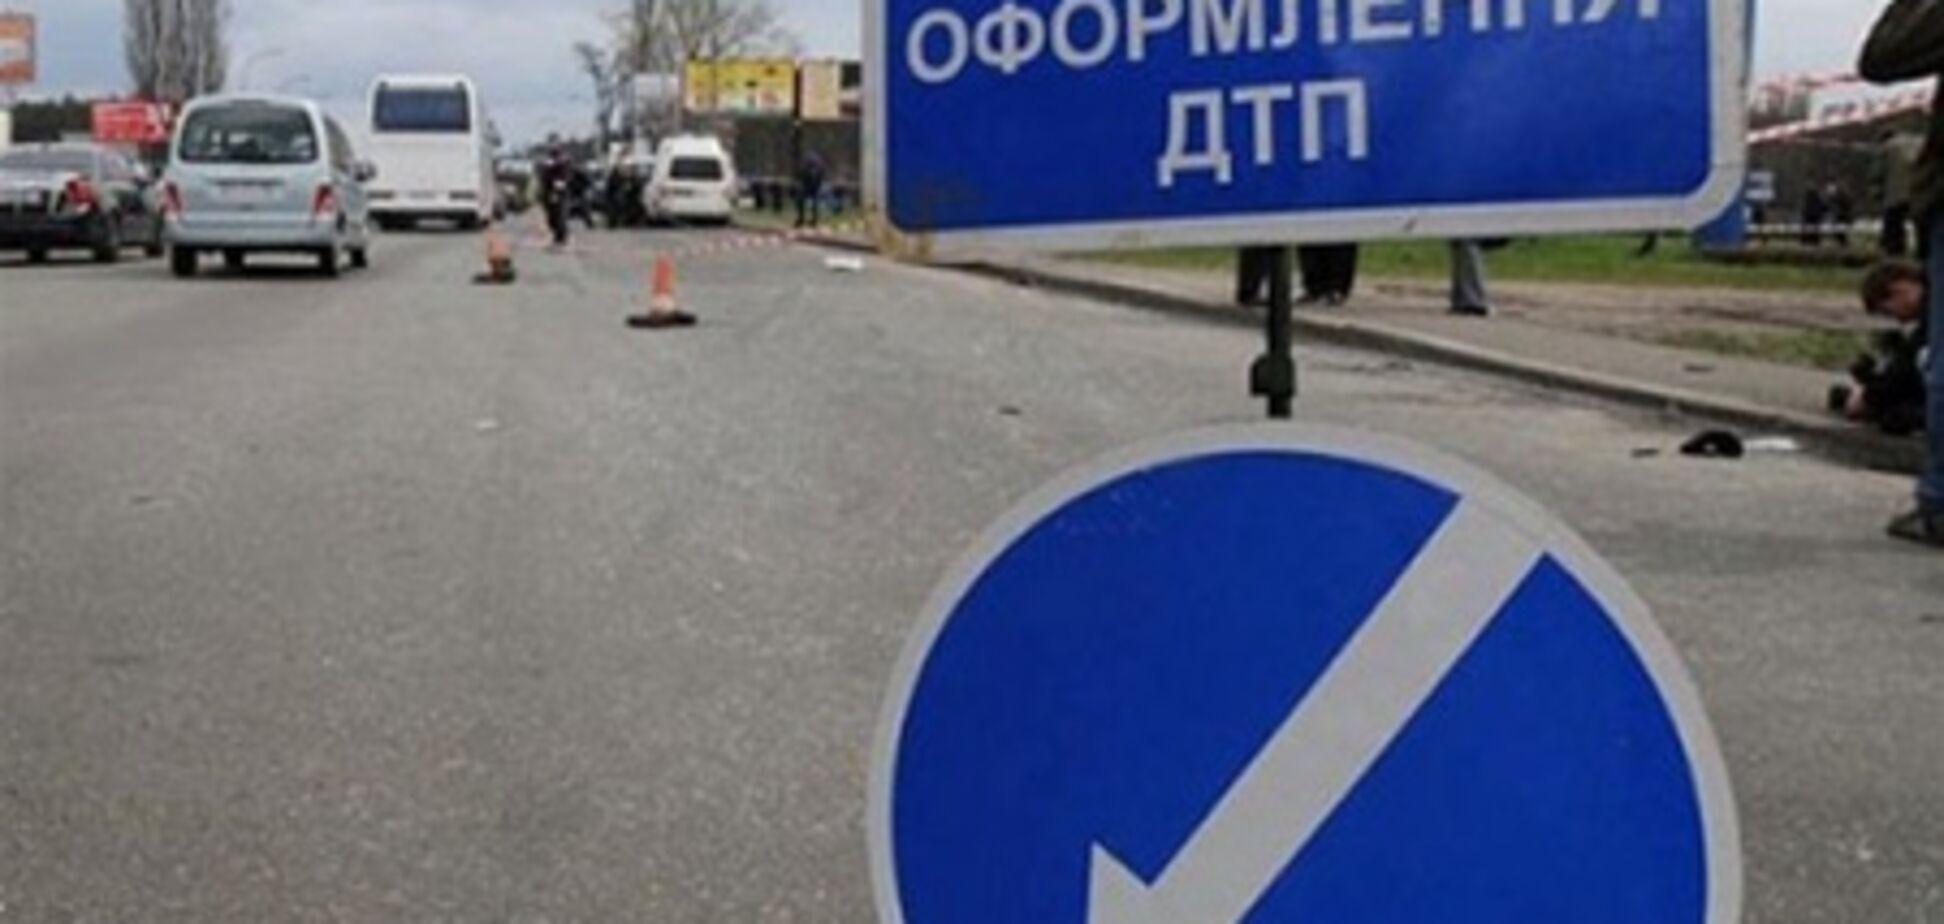 Женщину в ДТП убил не сын депутата - милиция Киева